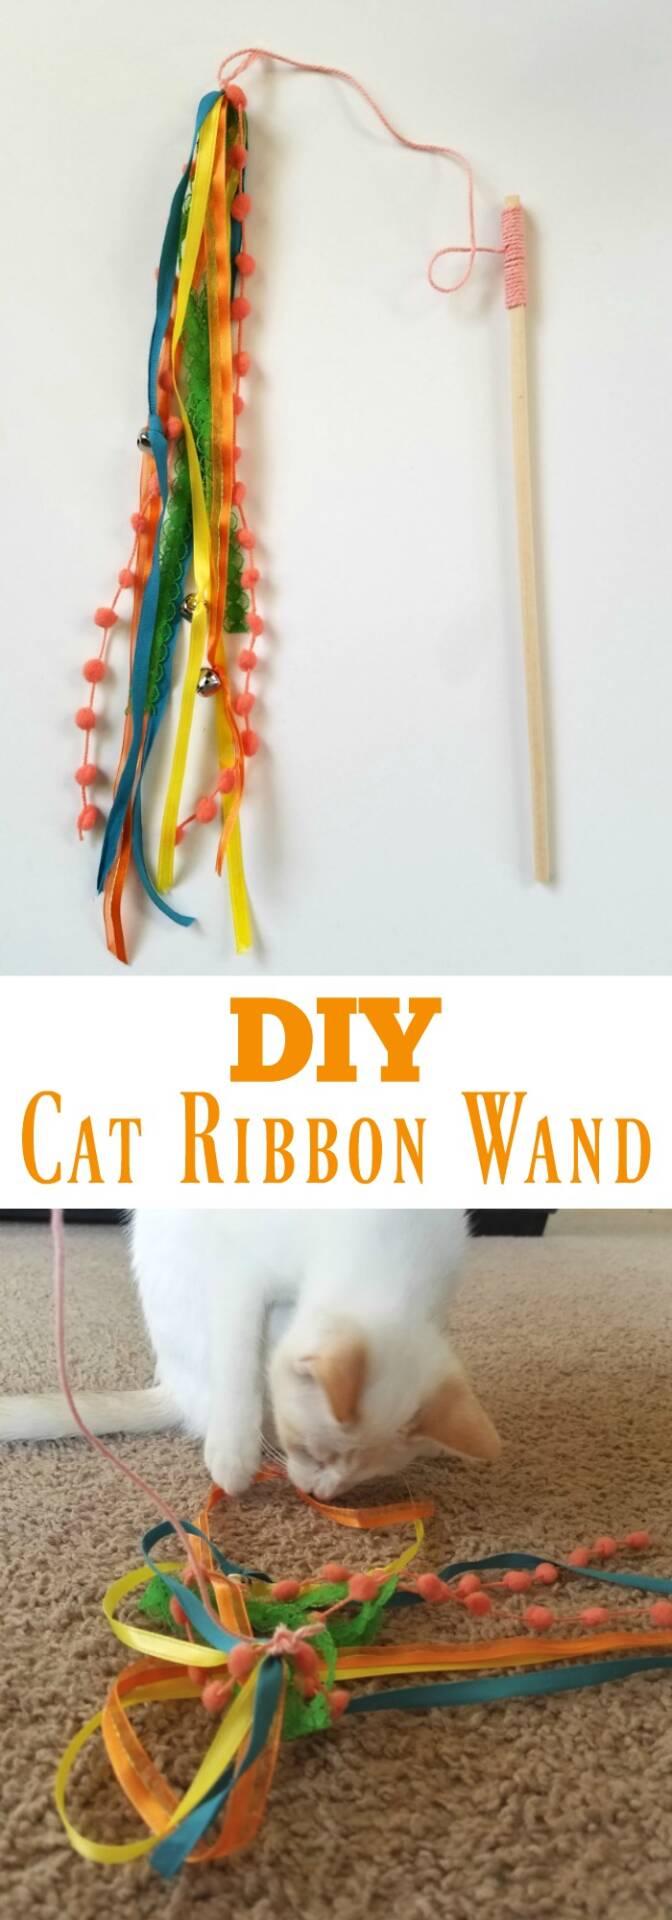 DIY Cat Ribbon Wand